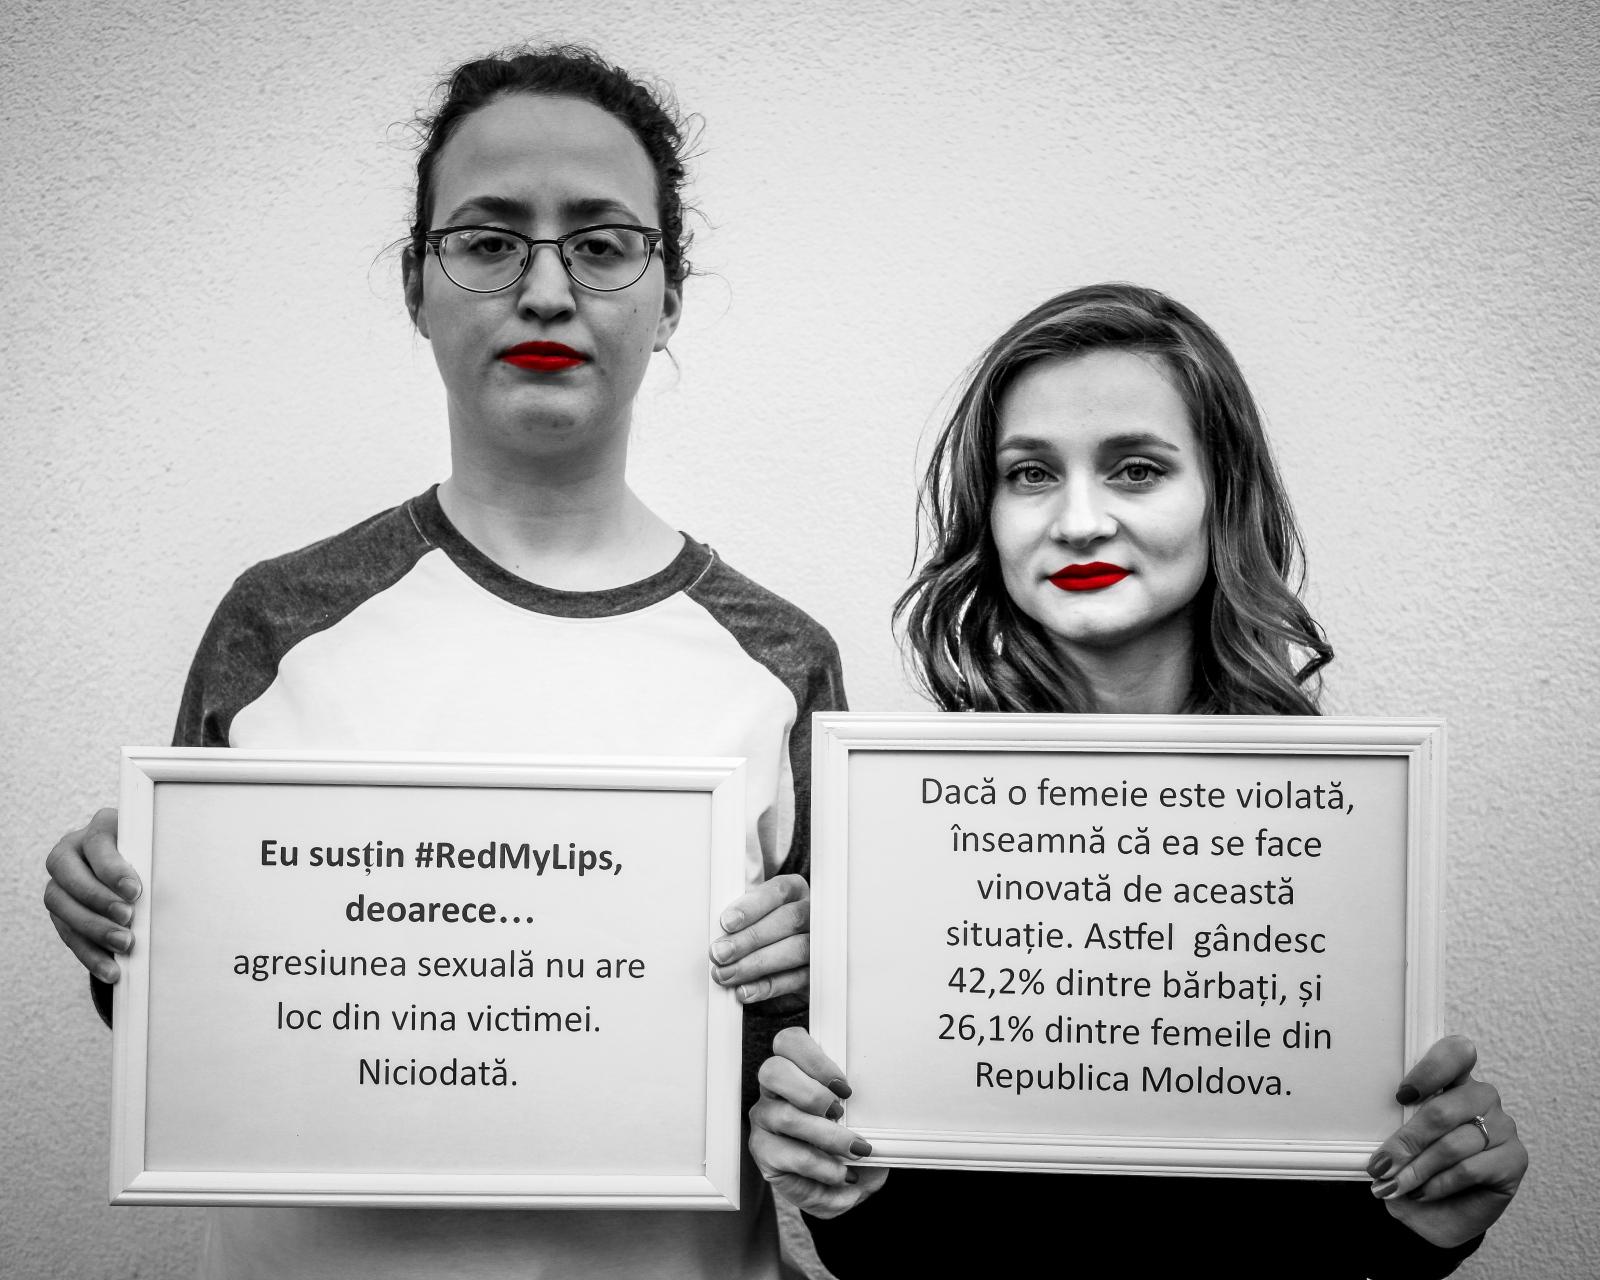 Dacă o femeie este violată, înseamnă că...